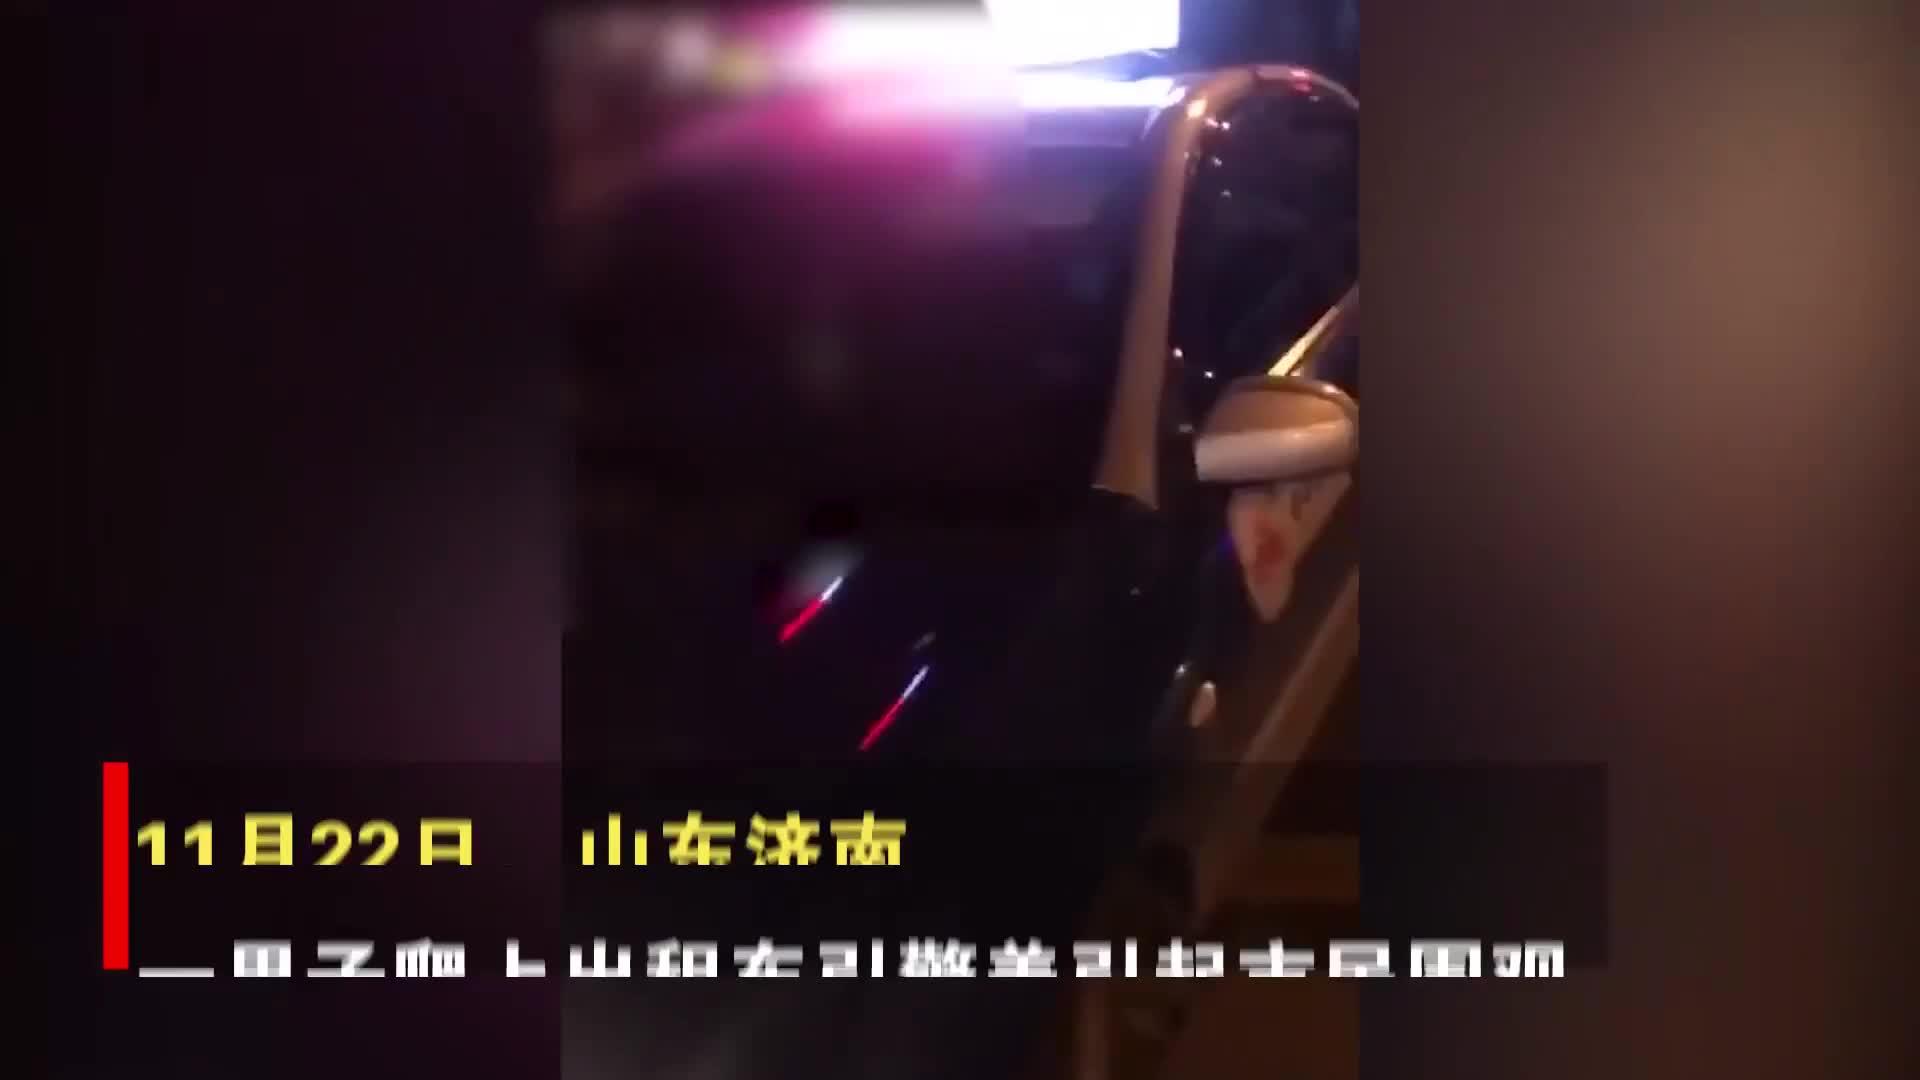 本地司机因纠纷爬外地车引擎盖,下一秒外地车直接飞驰地域歧视?